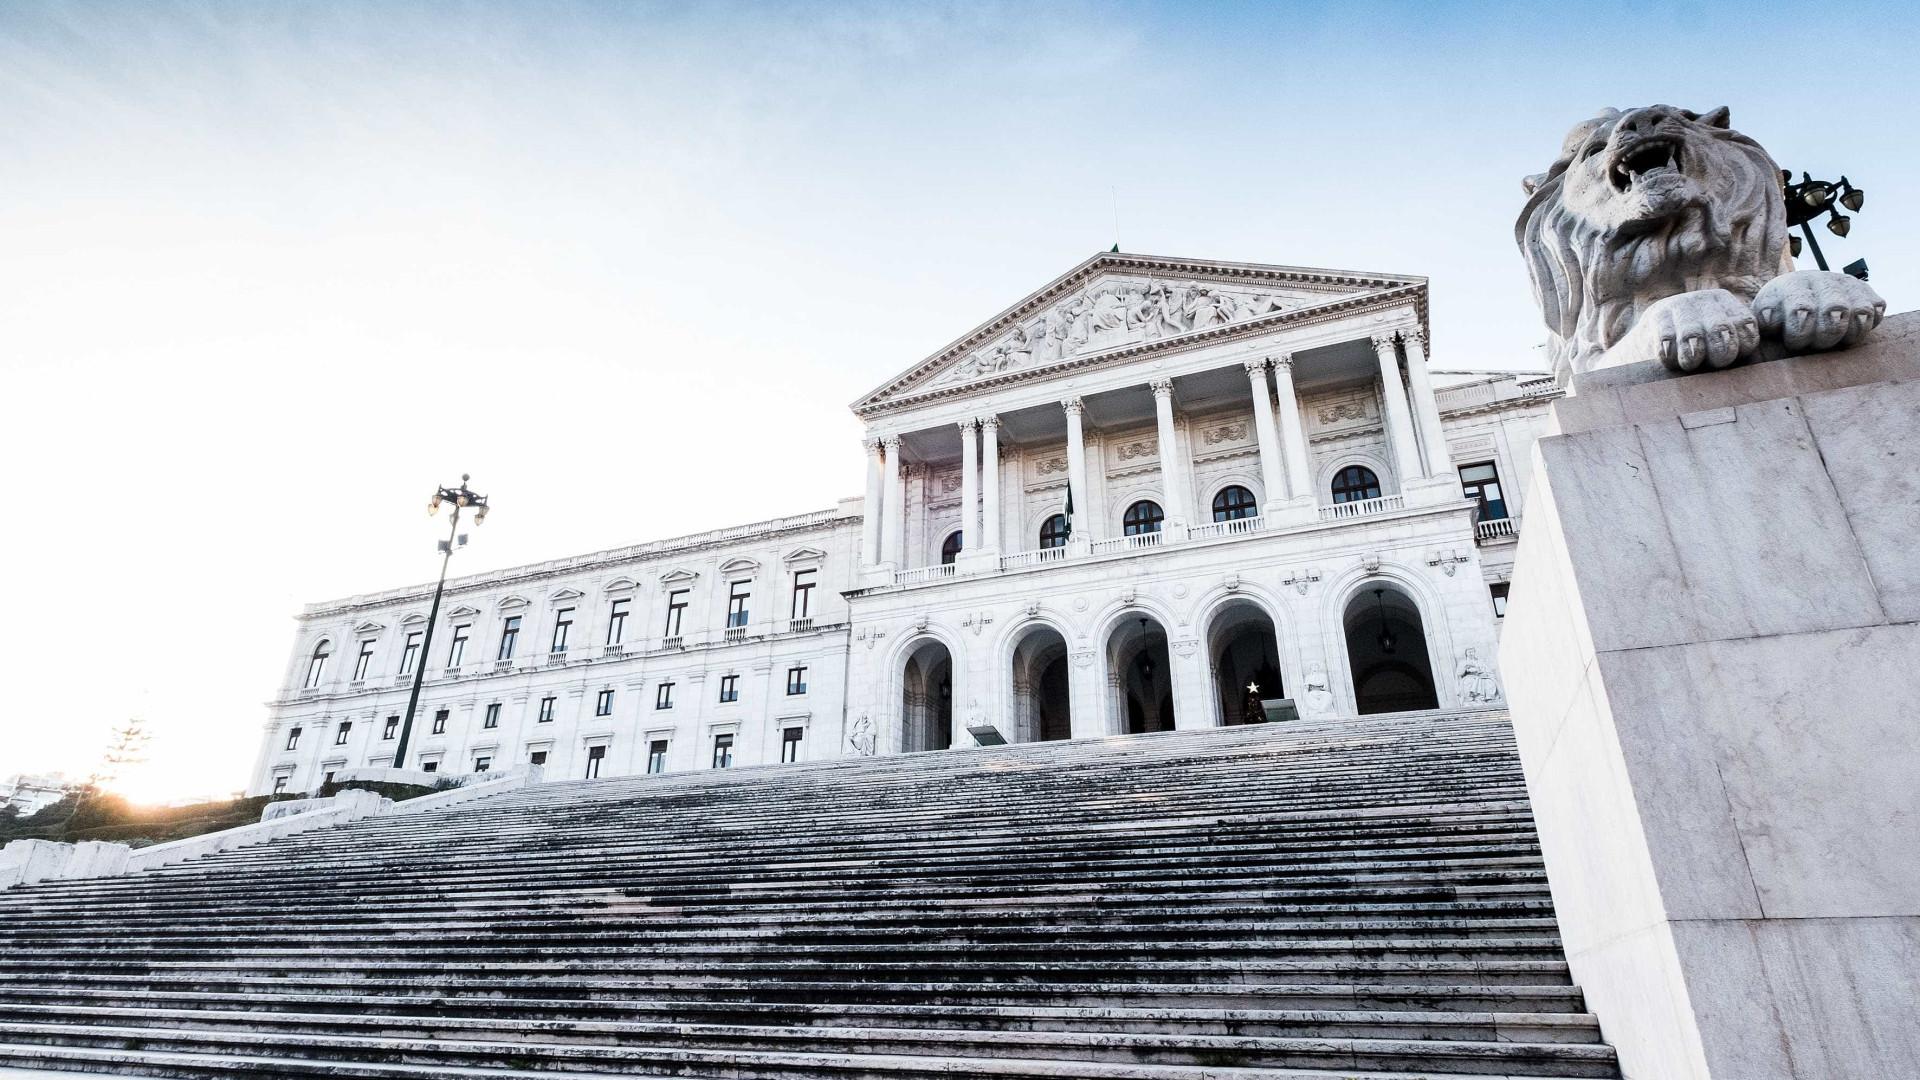 Contagem do tempo de serviço: Parlamento receberá iniciativa de cidadãos